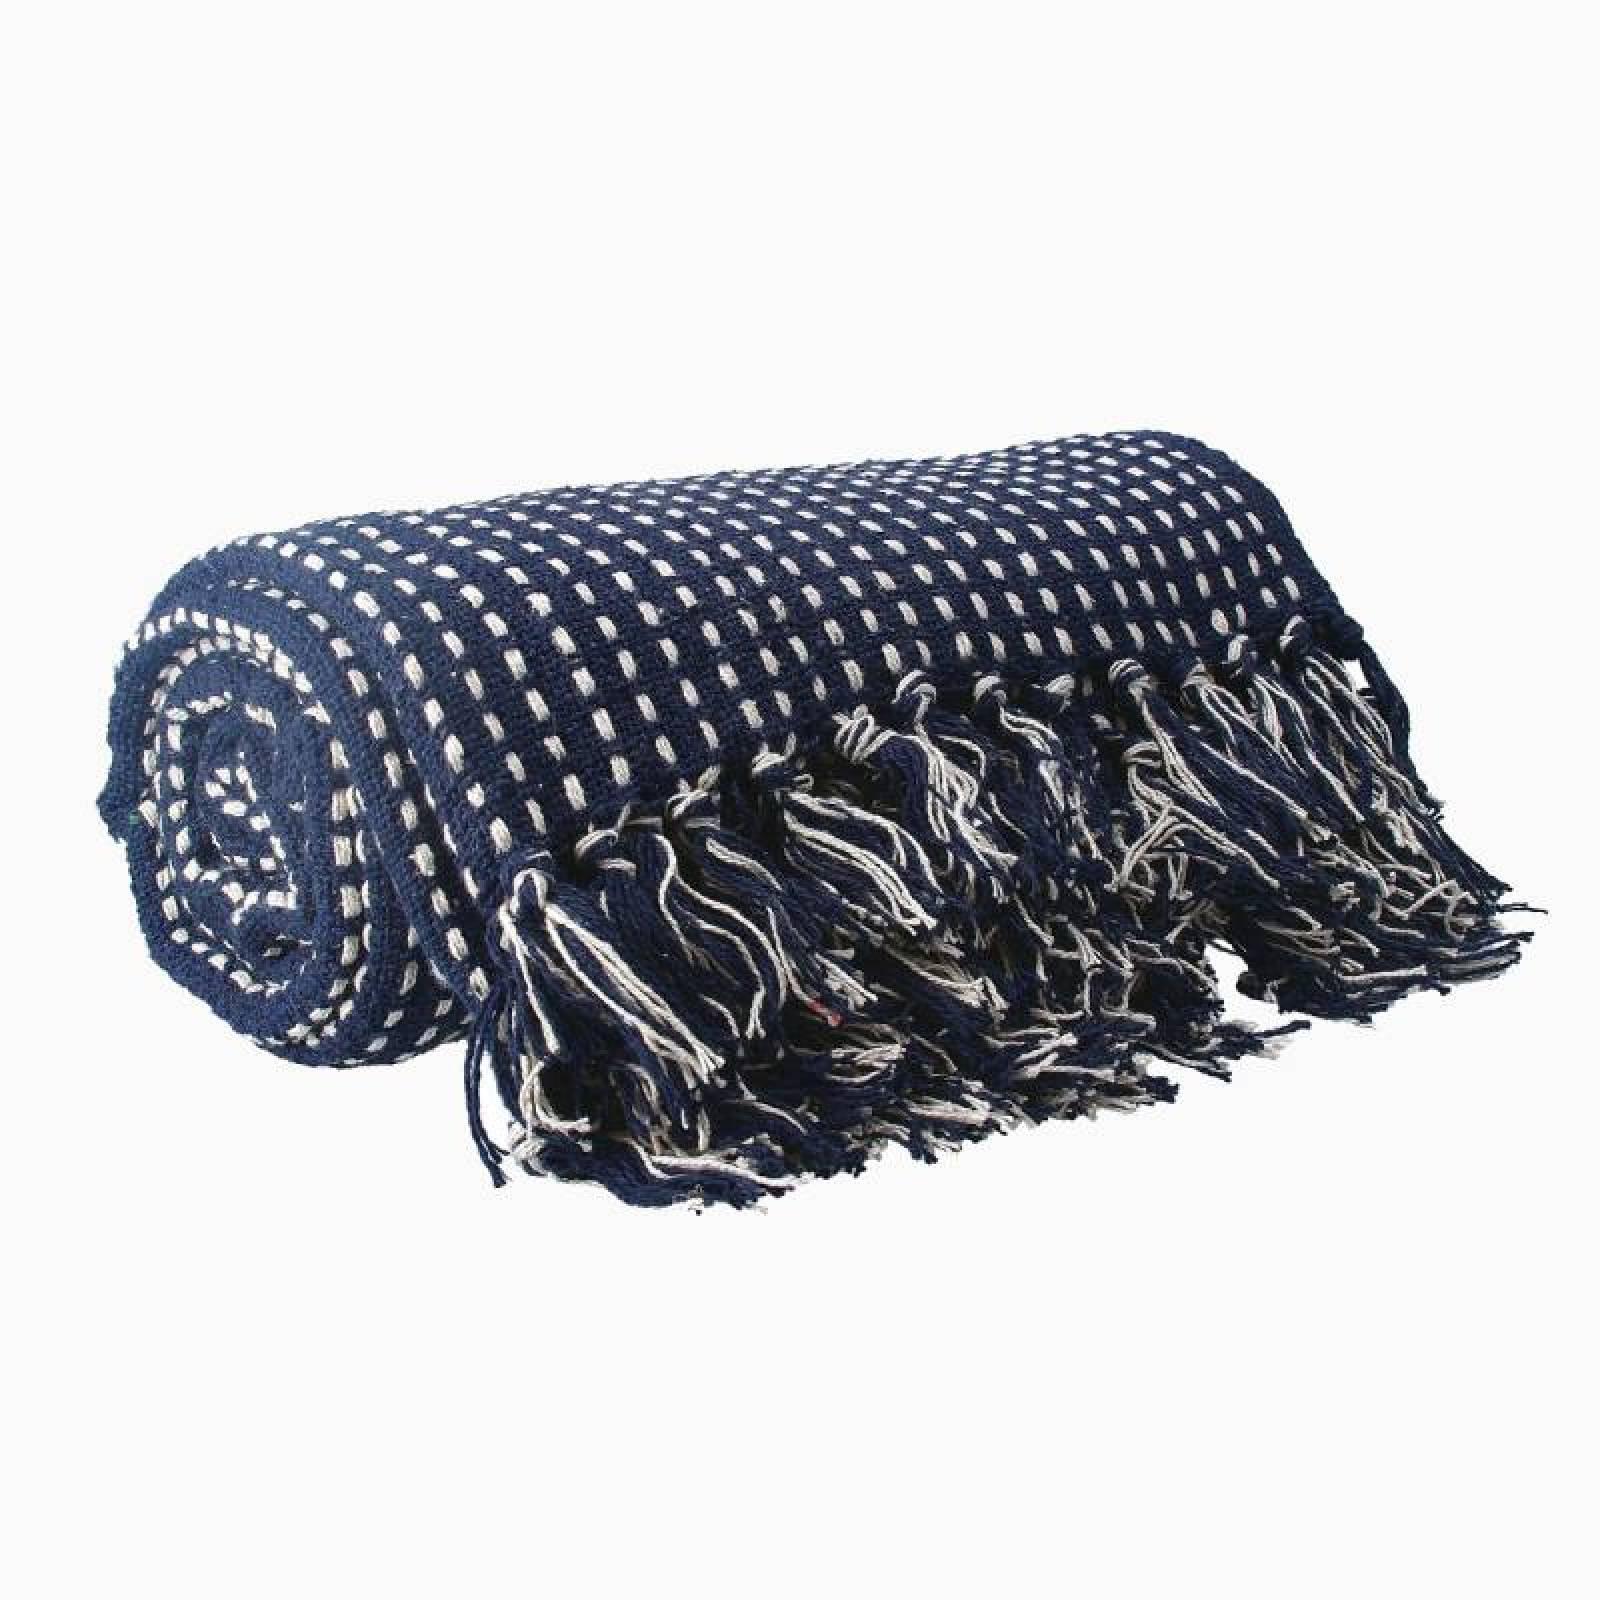 Stab Stitch Cotton Blanket In Navy